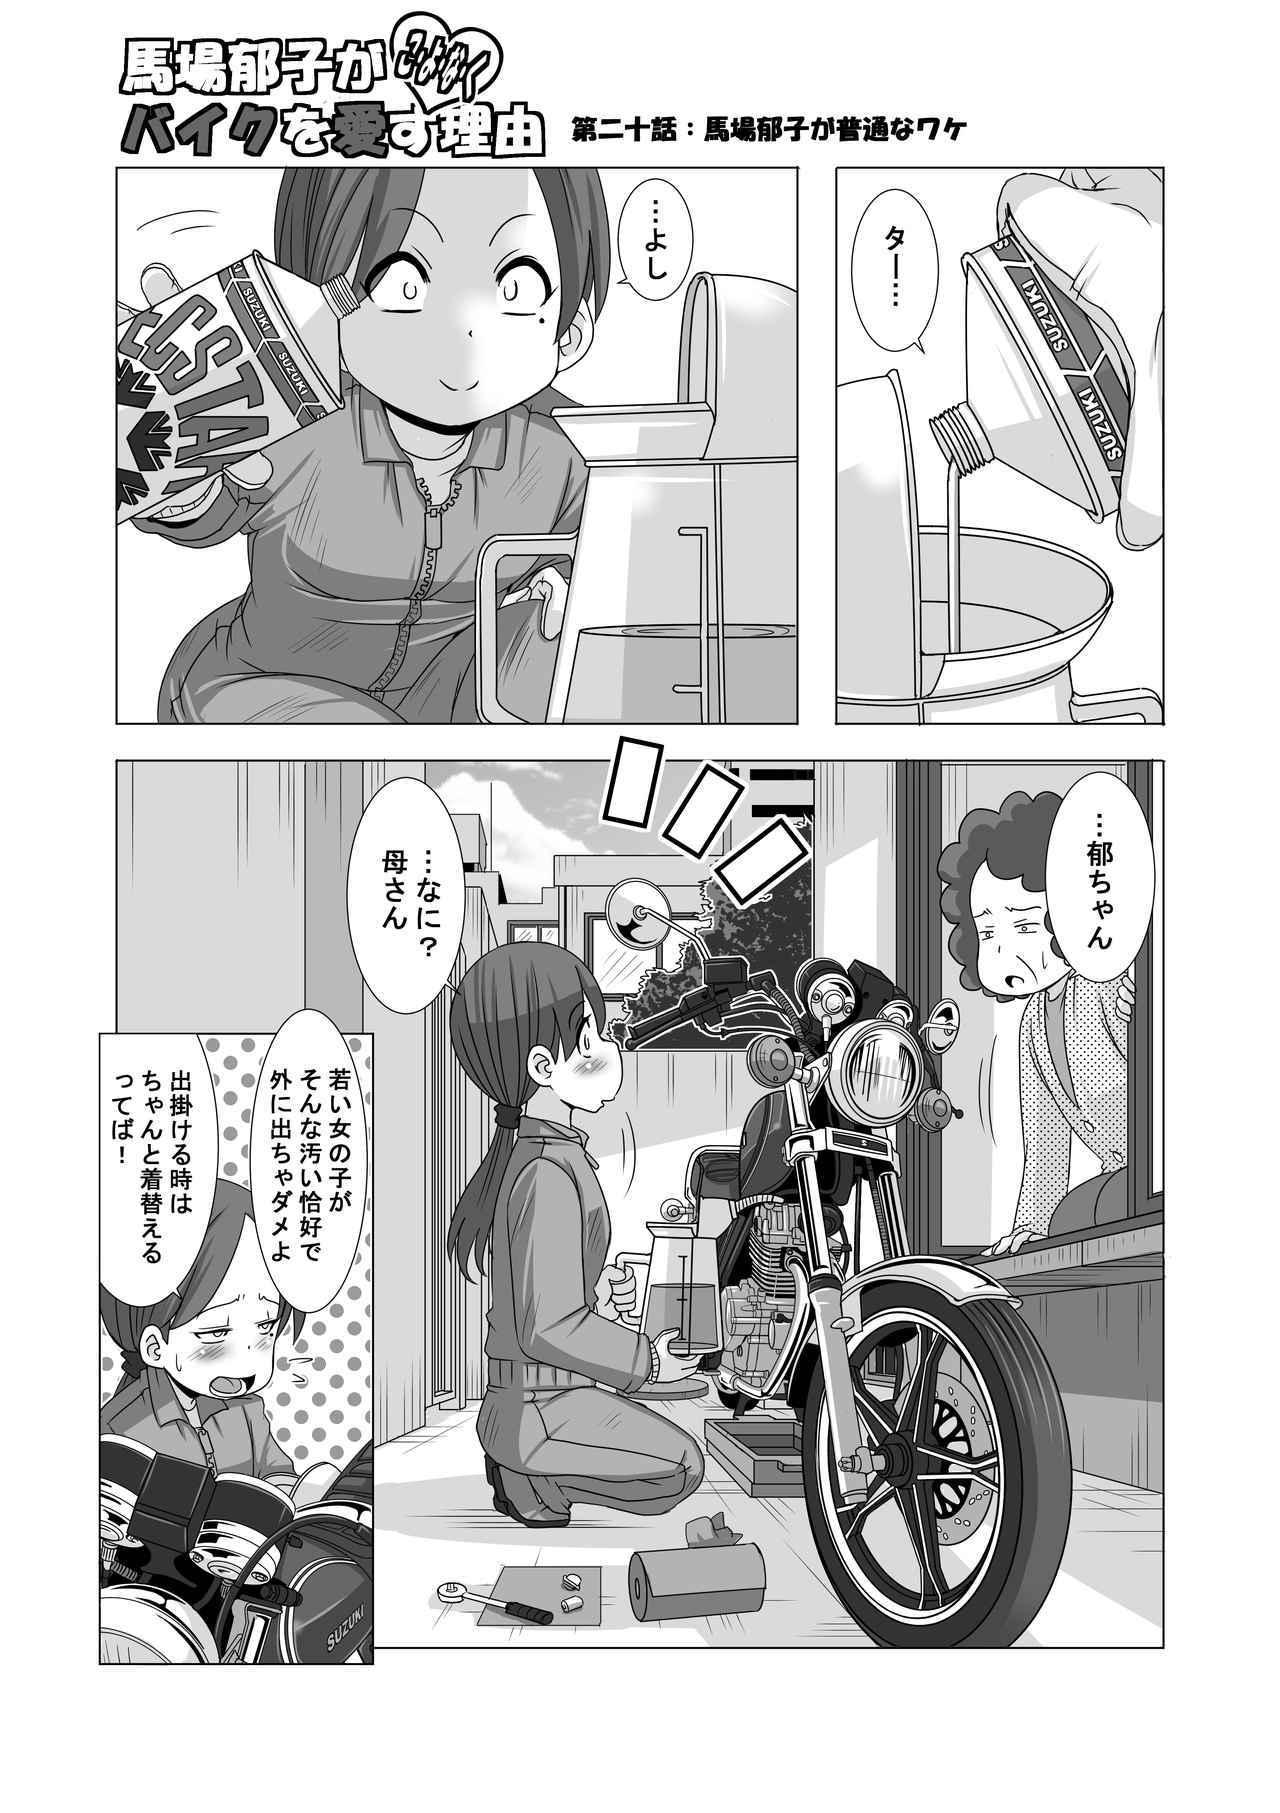 画像1: 【連載】馬場郁子がこよなくバイクを愛す理由(第二十話:馬場郁子が普通なワケ)作:鈴木秀吉